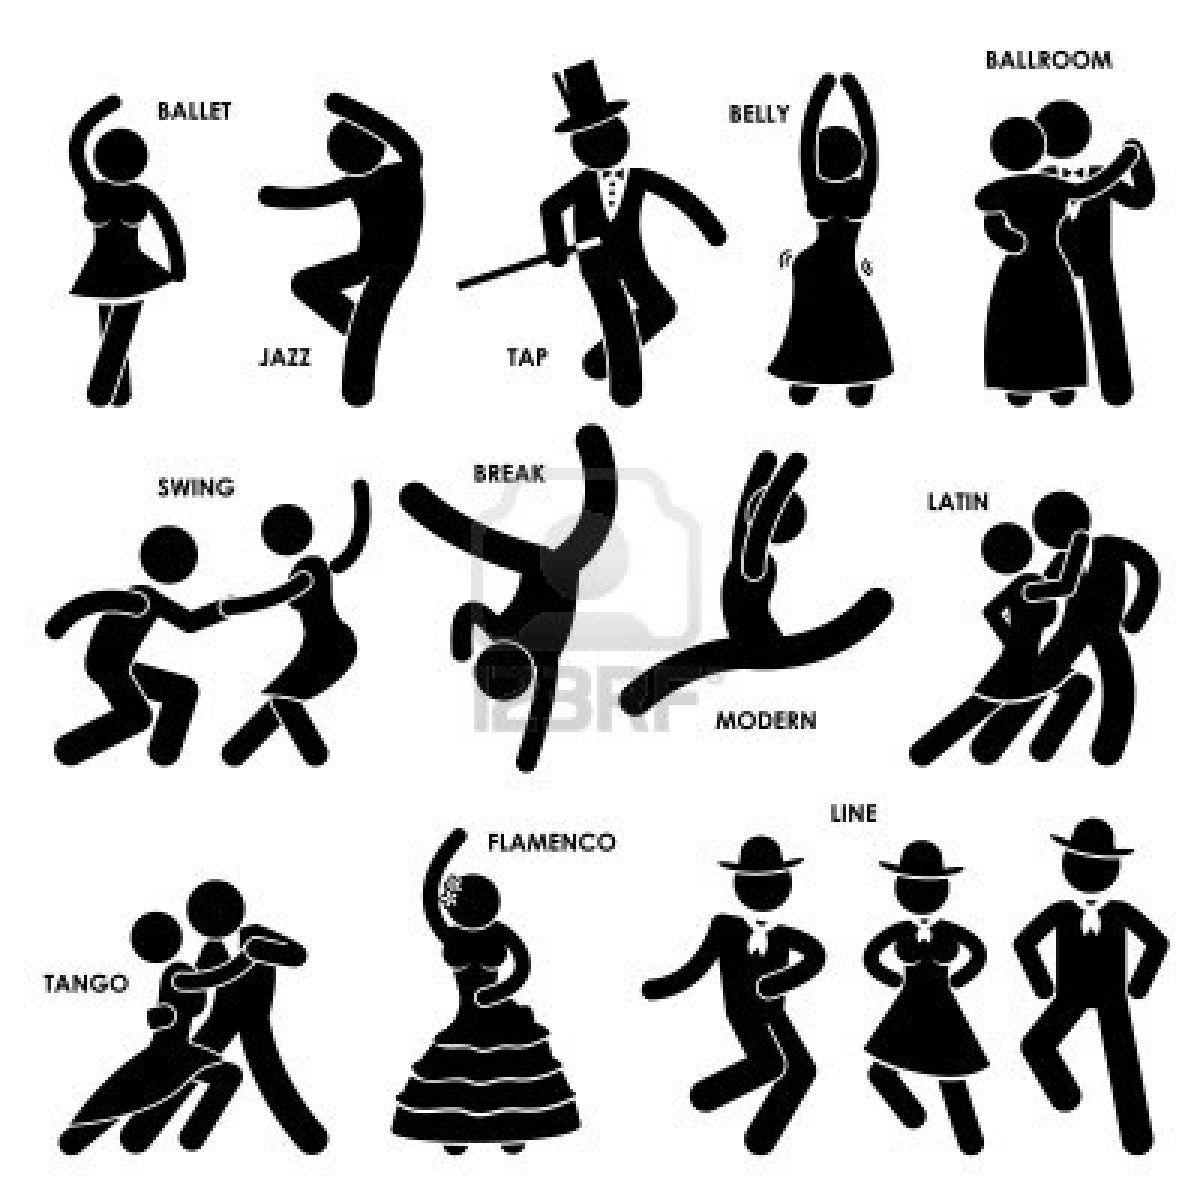 Dancing Dancer Ballet Jazz Tap Belly Ballroom Swing Break